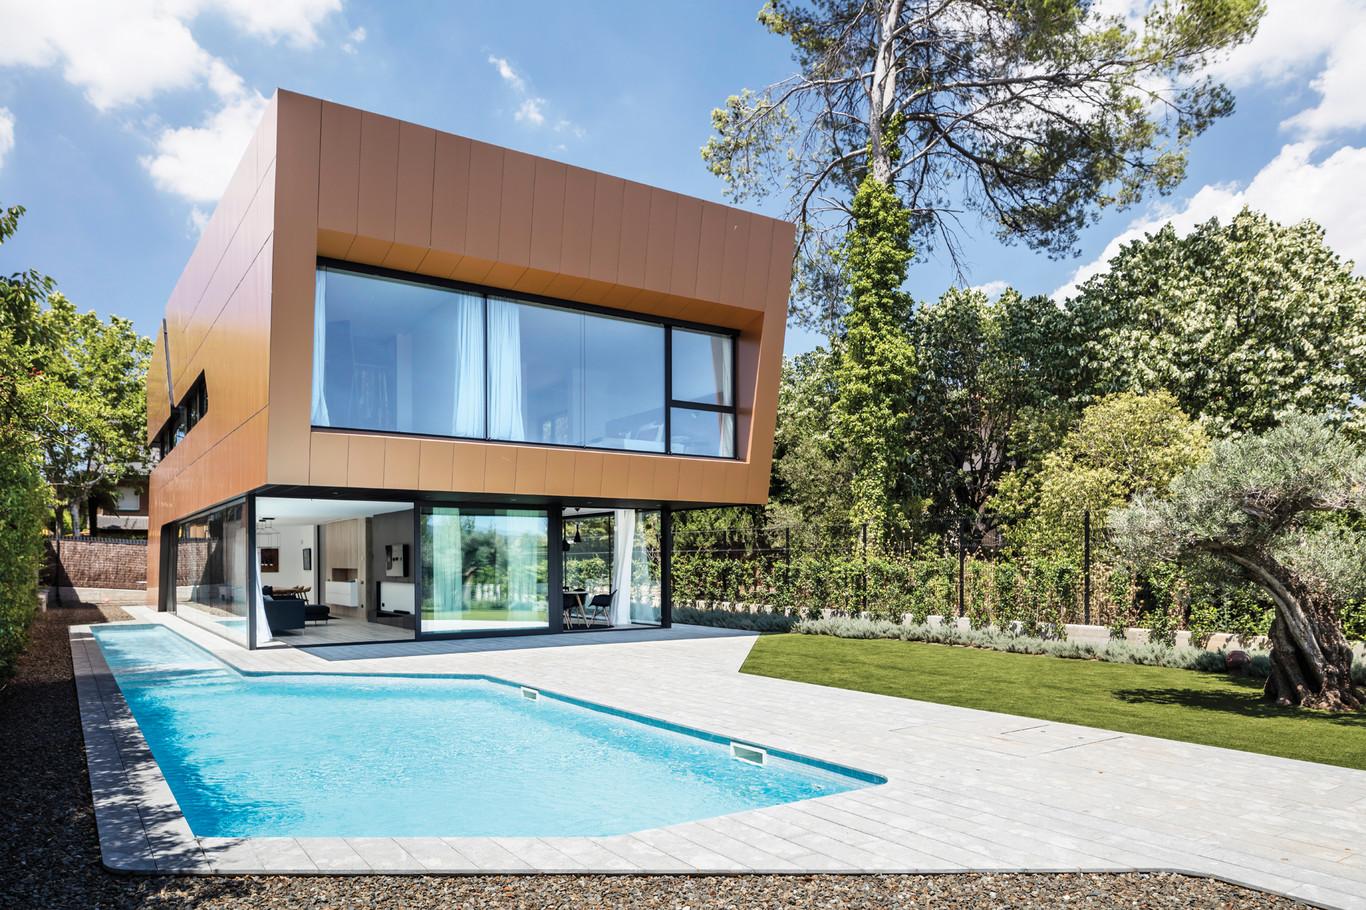 casa sostenible de dise o arquima revista arquitectura On diseno de casas y edificios sustentables